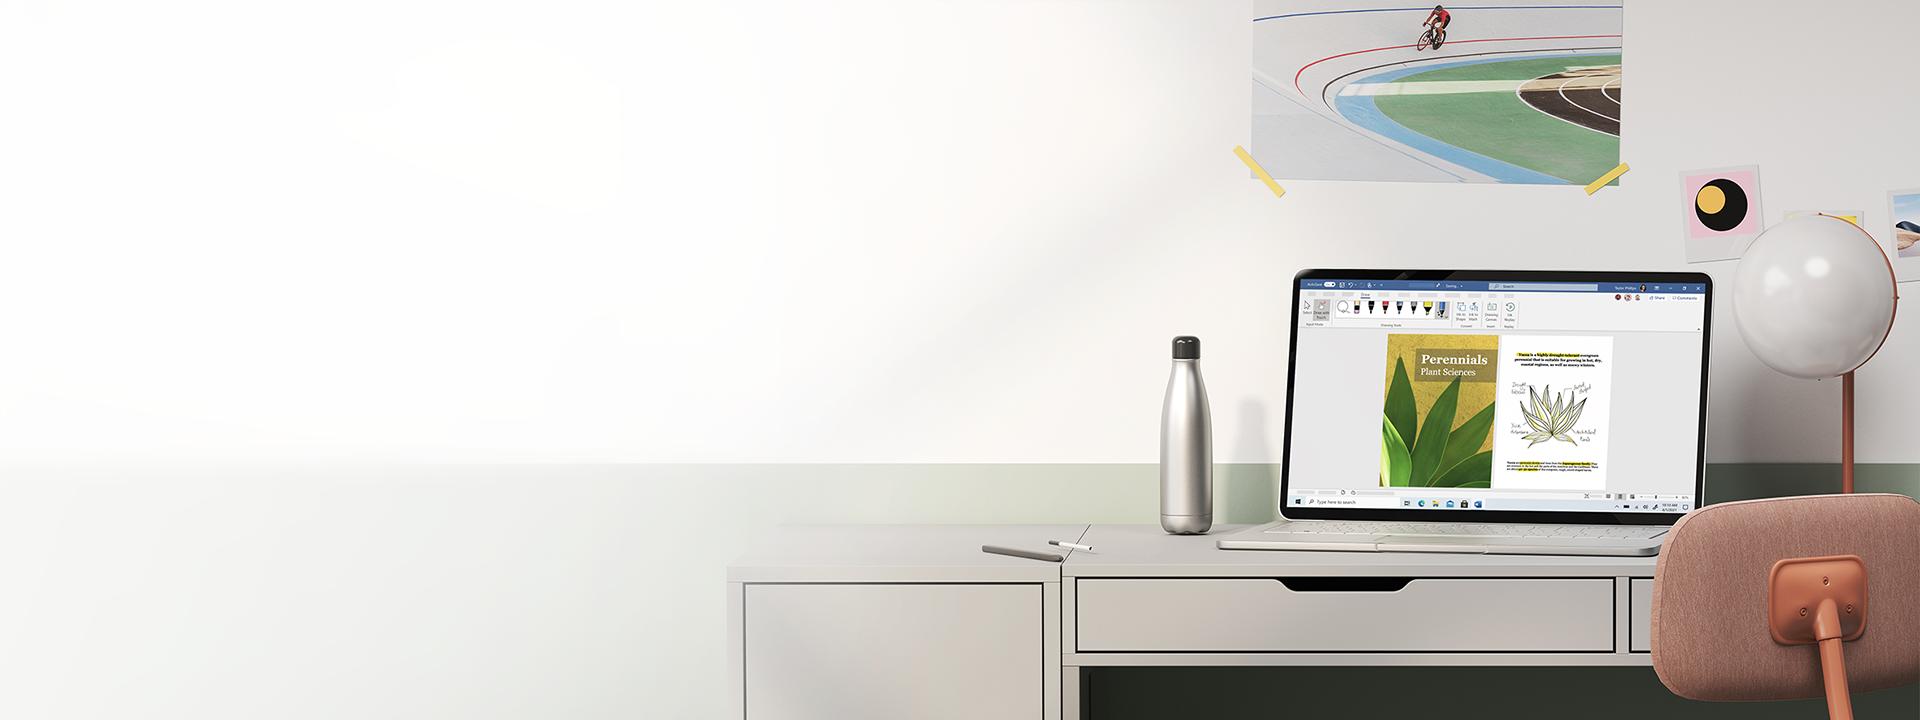 Φορητός υπολογιστής Windows10 πάνω σε ένα γραφείο